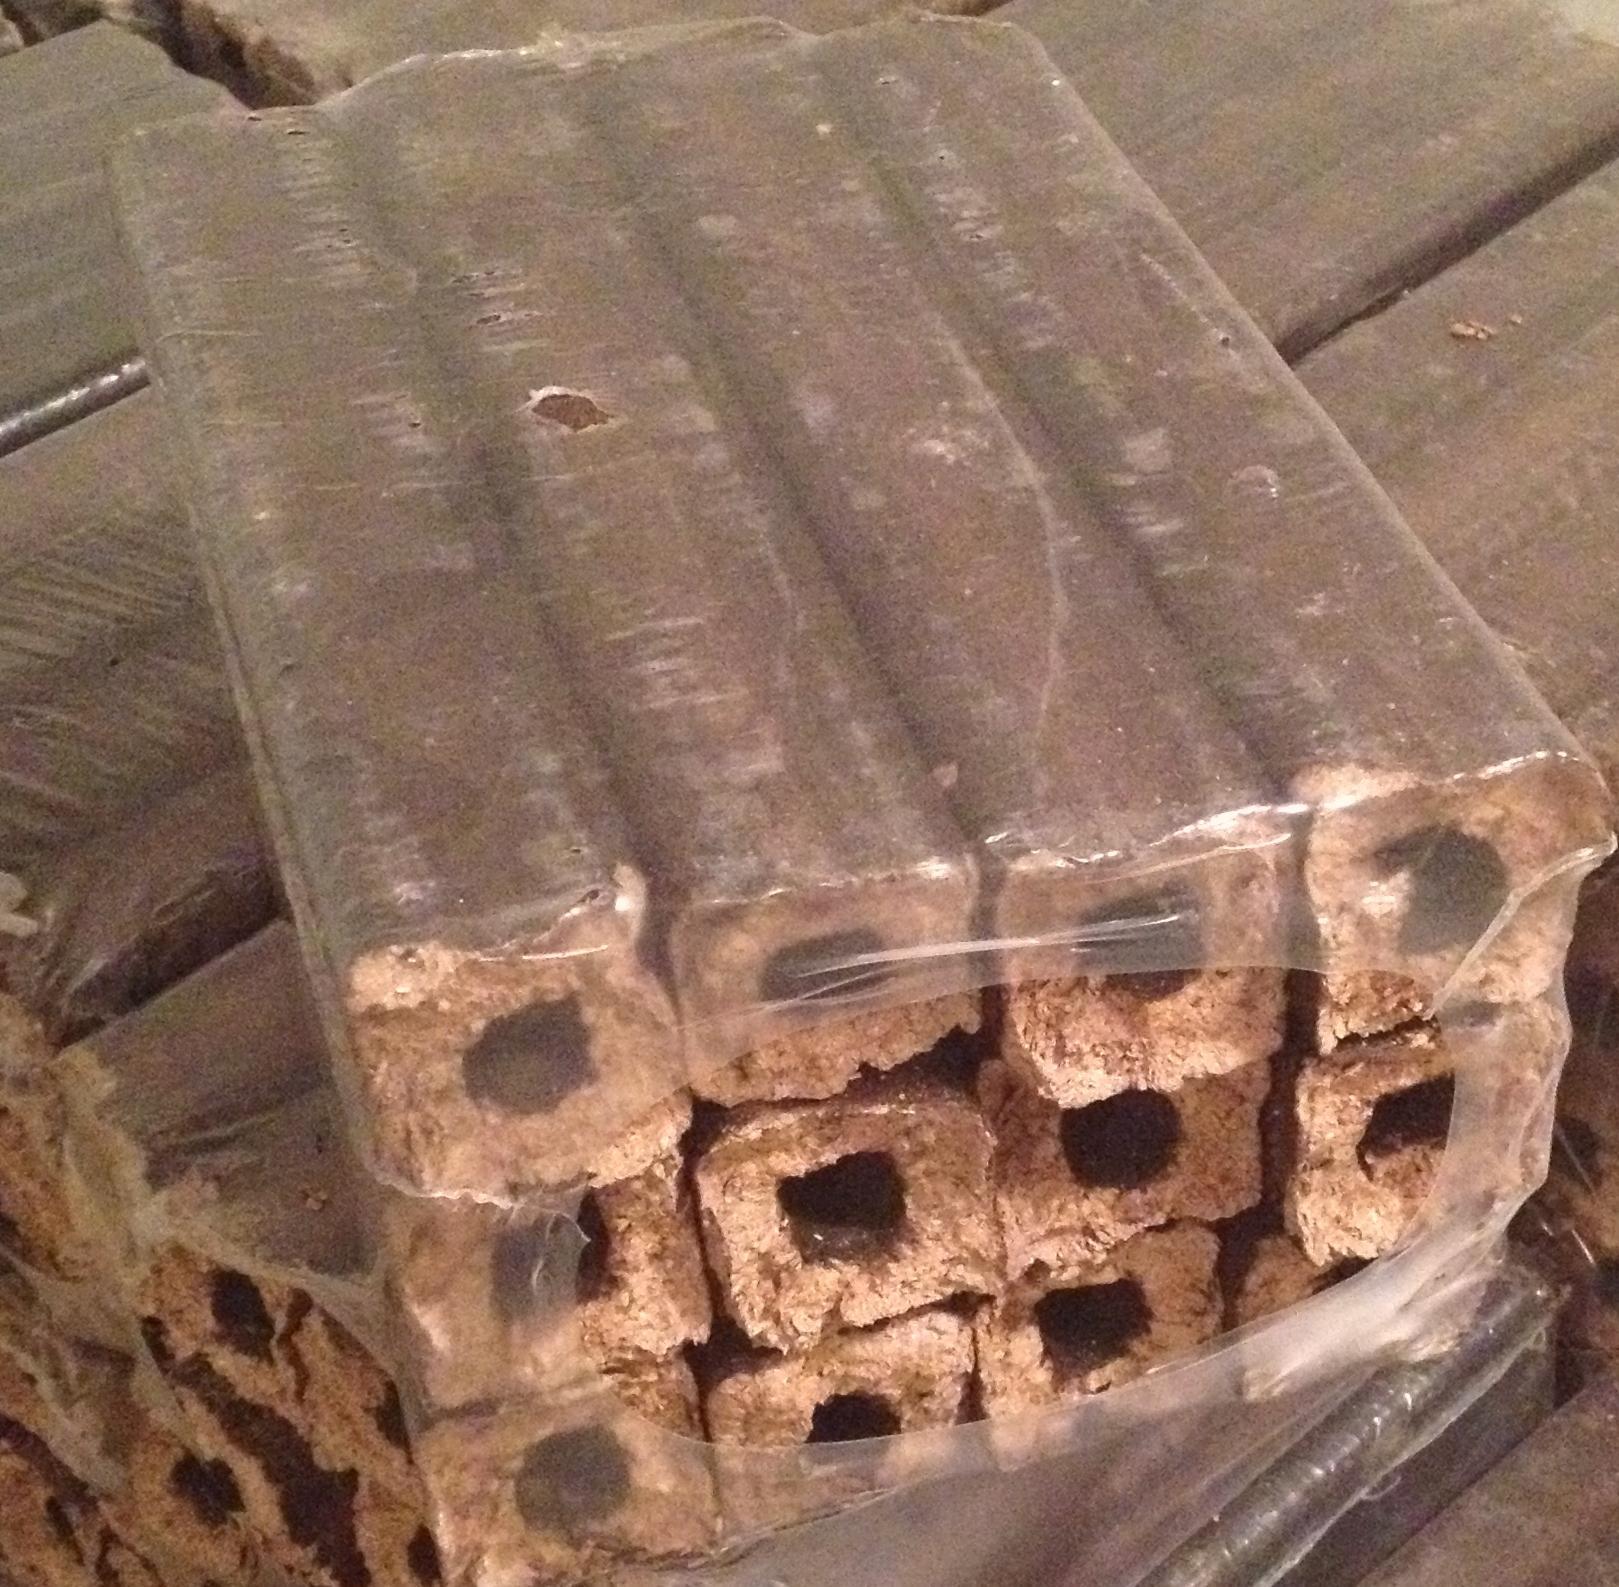 木颗粒 - 木砖 - 木炭, db ,sosna ,inne twarde gatunki图片